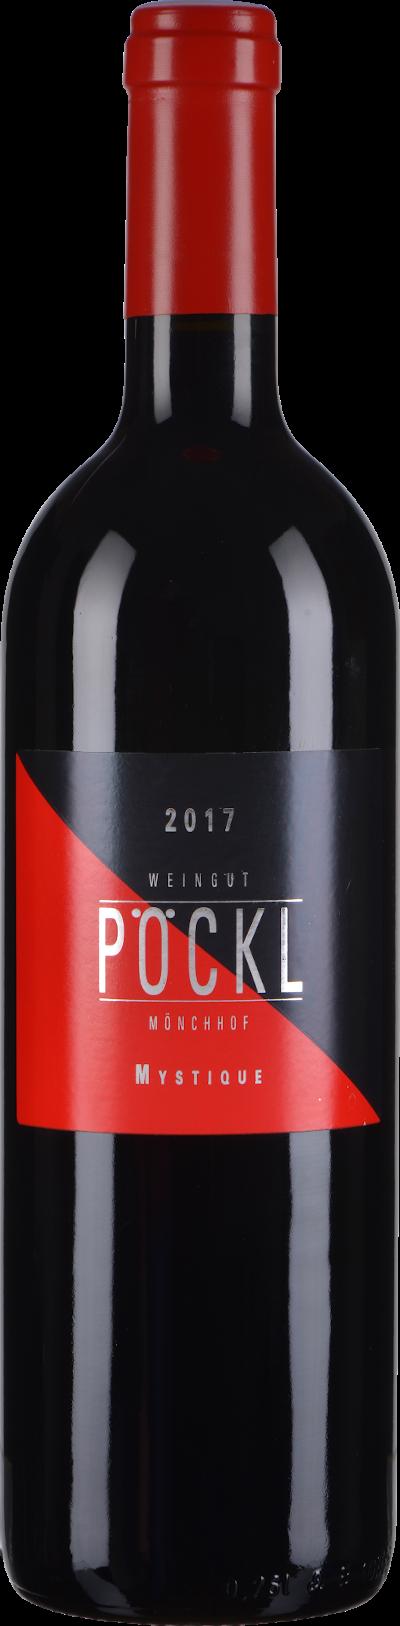 Pöckl - Mystique